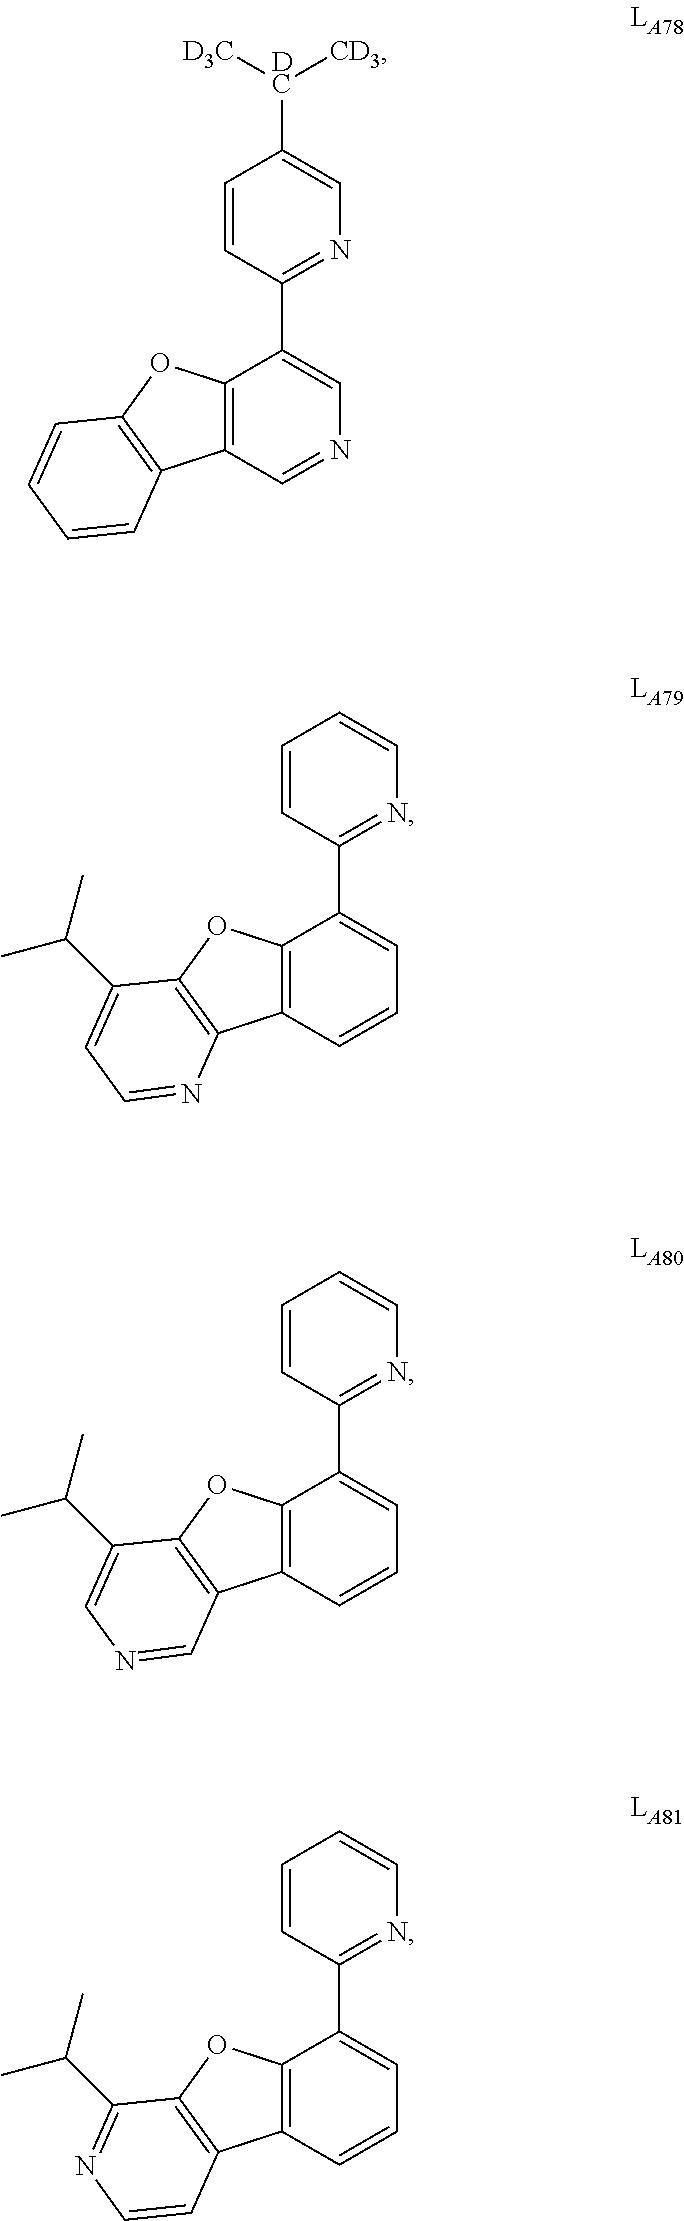 Figure US09634264-20170425-C00067